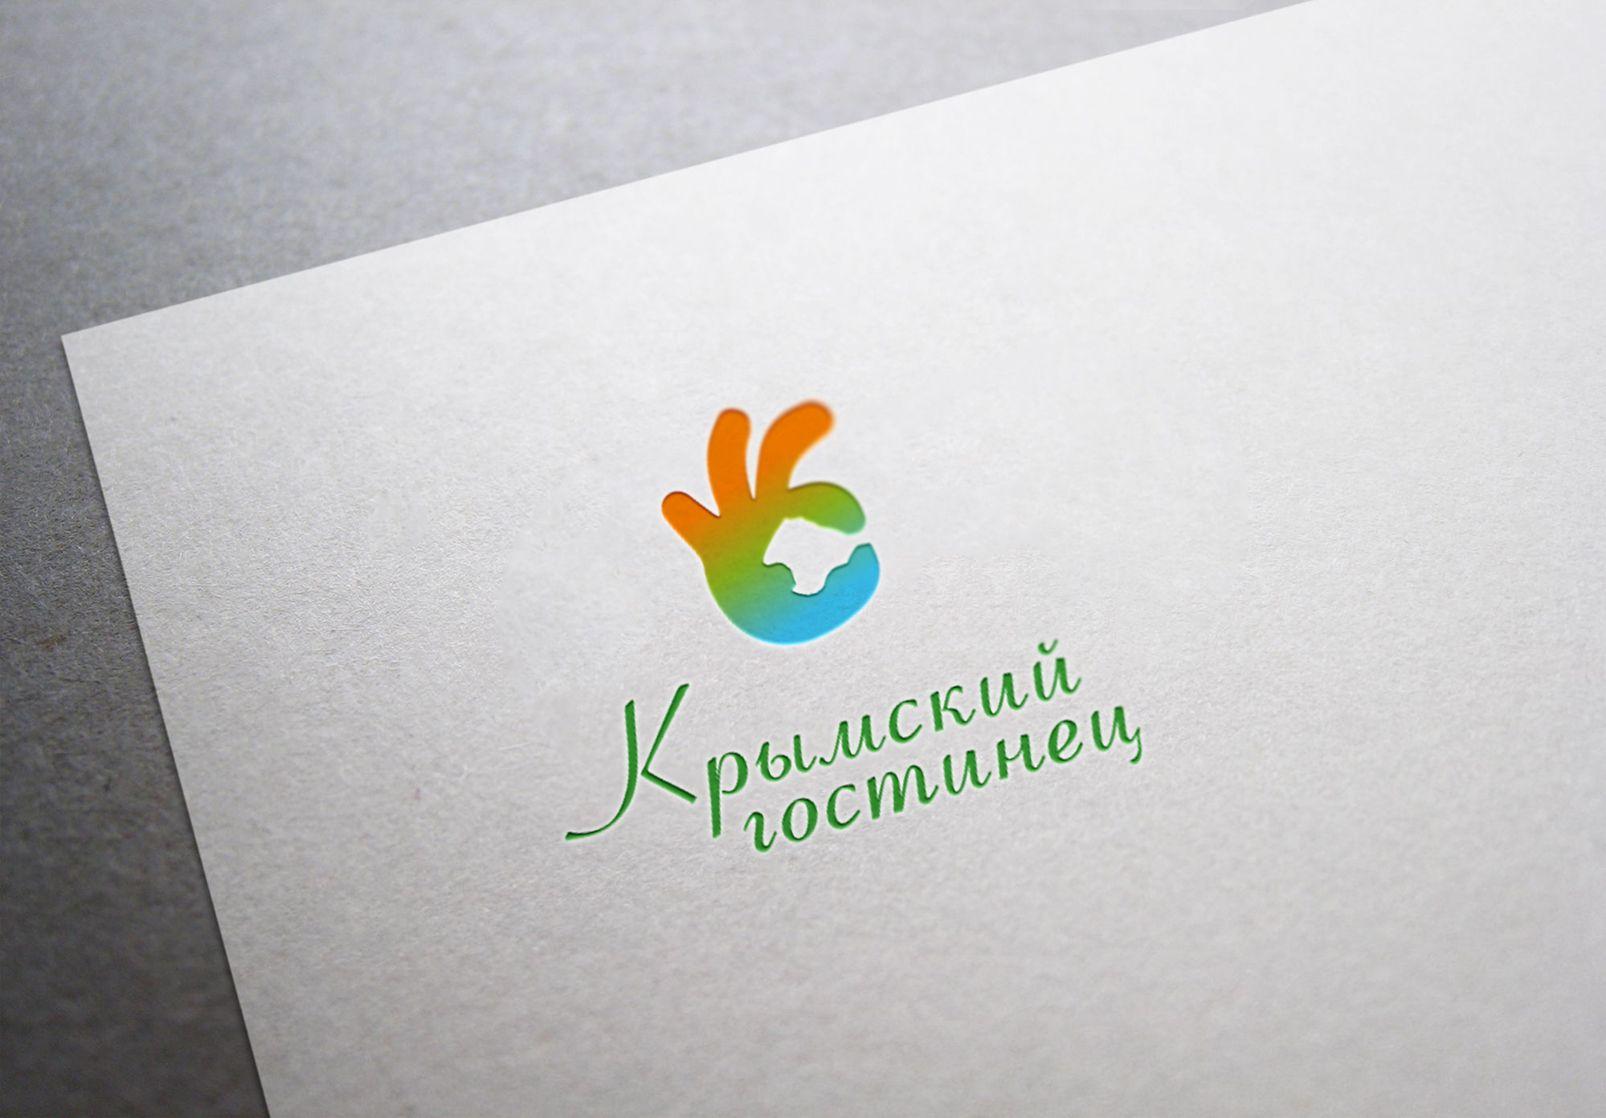 Логотип и ФС для компании Крымский гостинец - дизайнер dron55